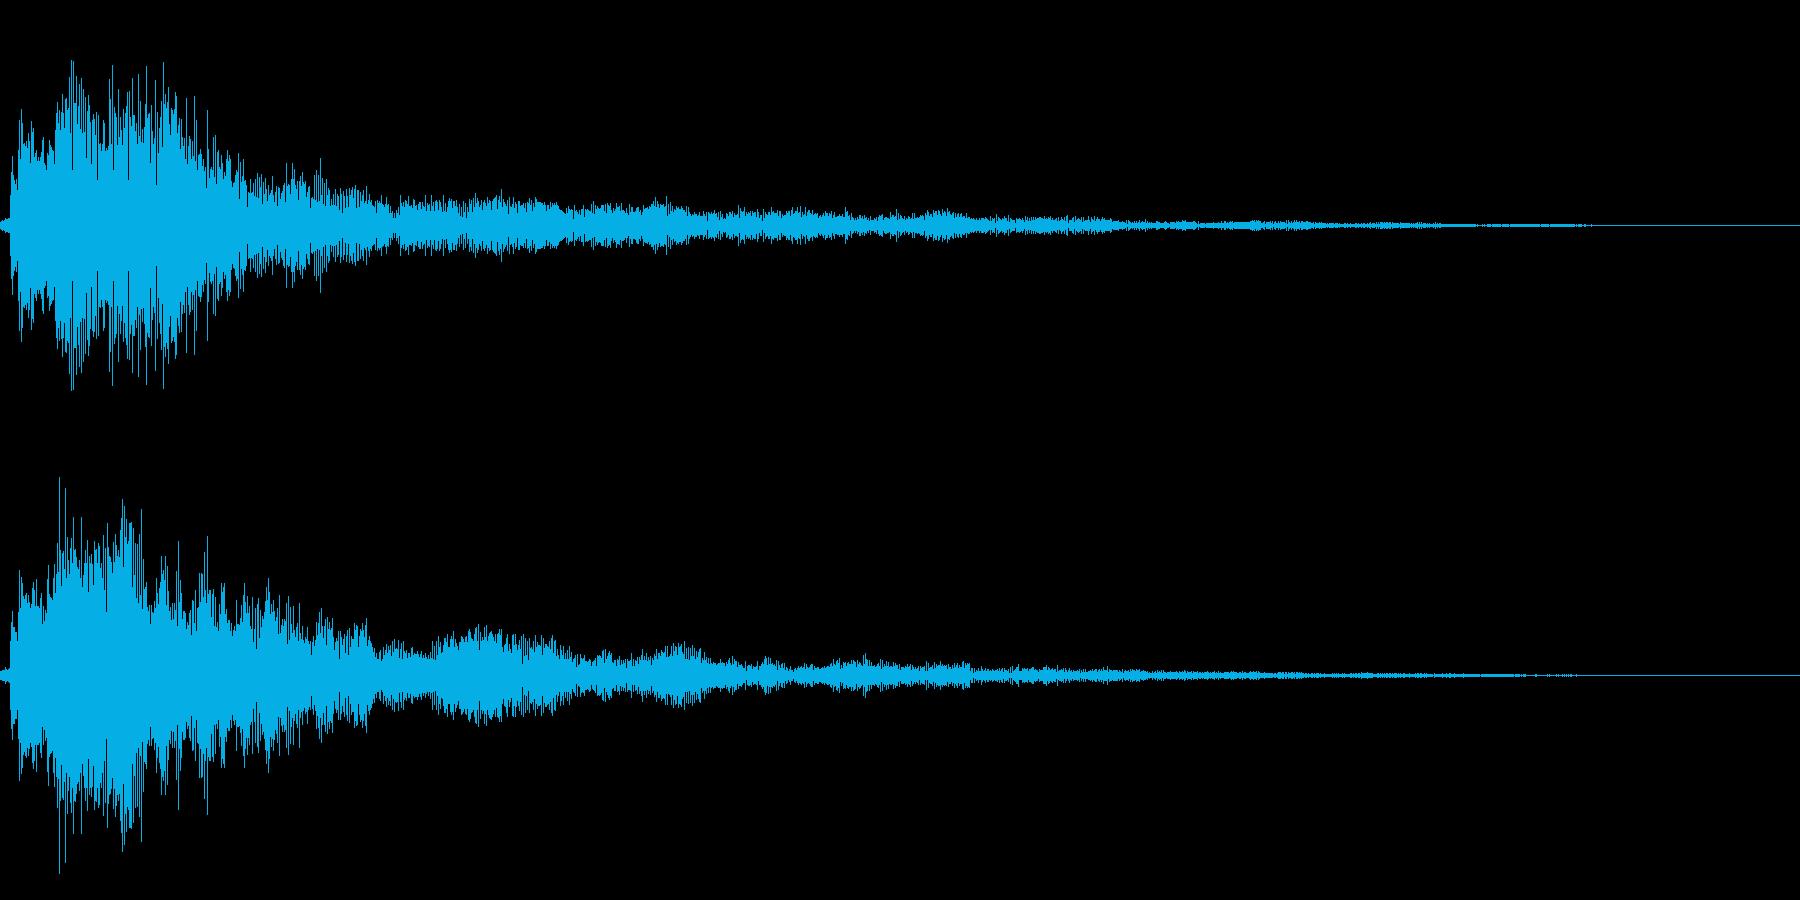 シンプルな決定/ボタン/クリック音 34の再生済みの波形